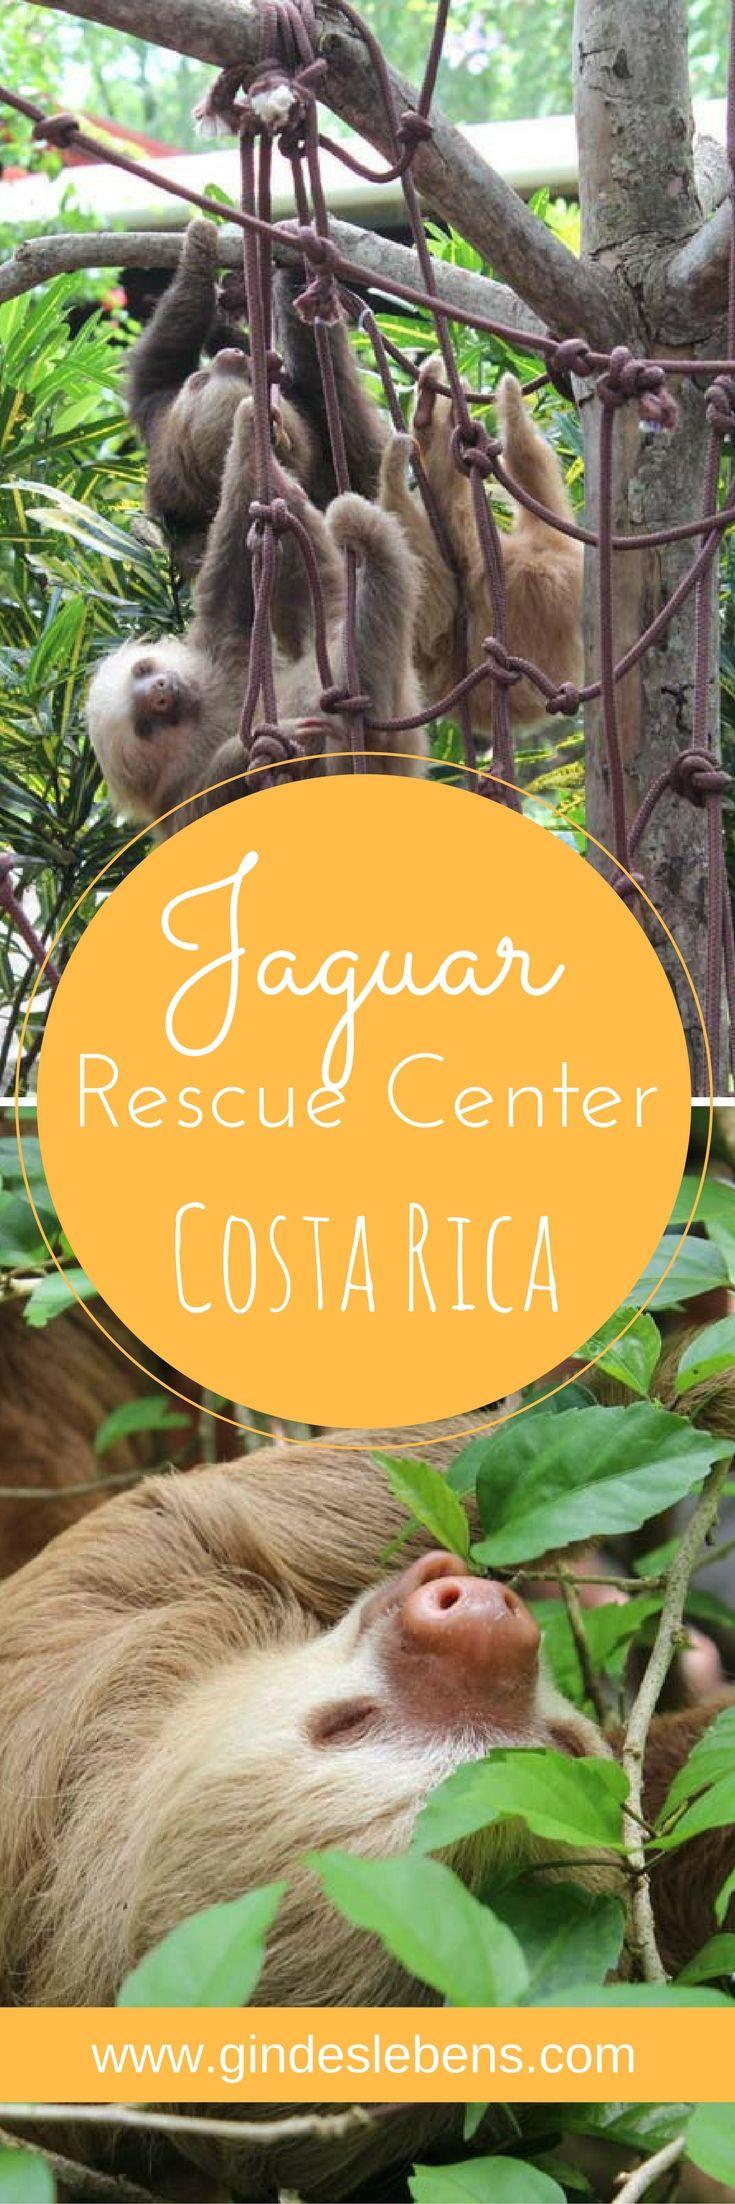 Ein Besuch im Jaguar Rescue Center Costa Rica is part of Jaguar Rescue Center Puerto Viejo Aktuelle  Mit - Ebenfalls an der Karibikküste befindet sich die WildtierAuffangstation Jaguar Rescue Center  Hier werden Wildtiere aufgenommen und zum Teil ausgewildert